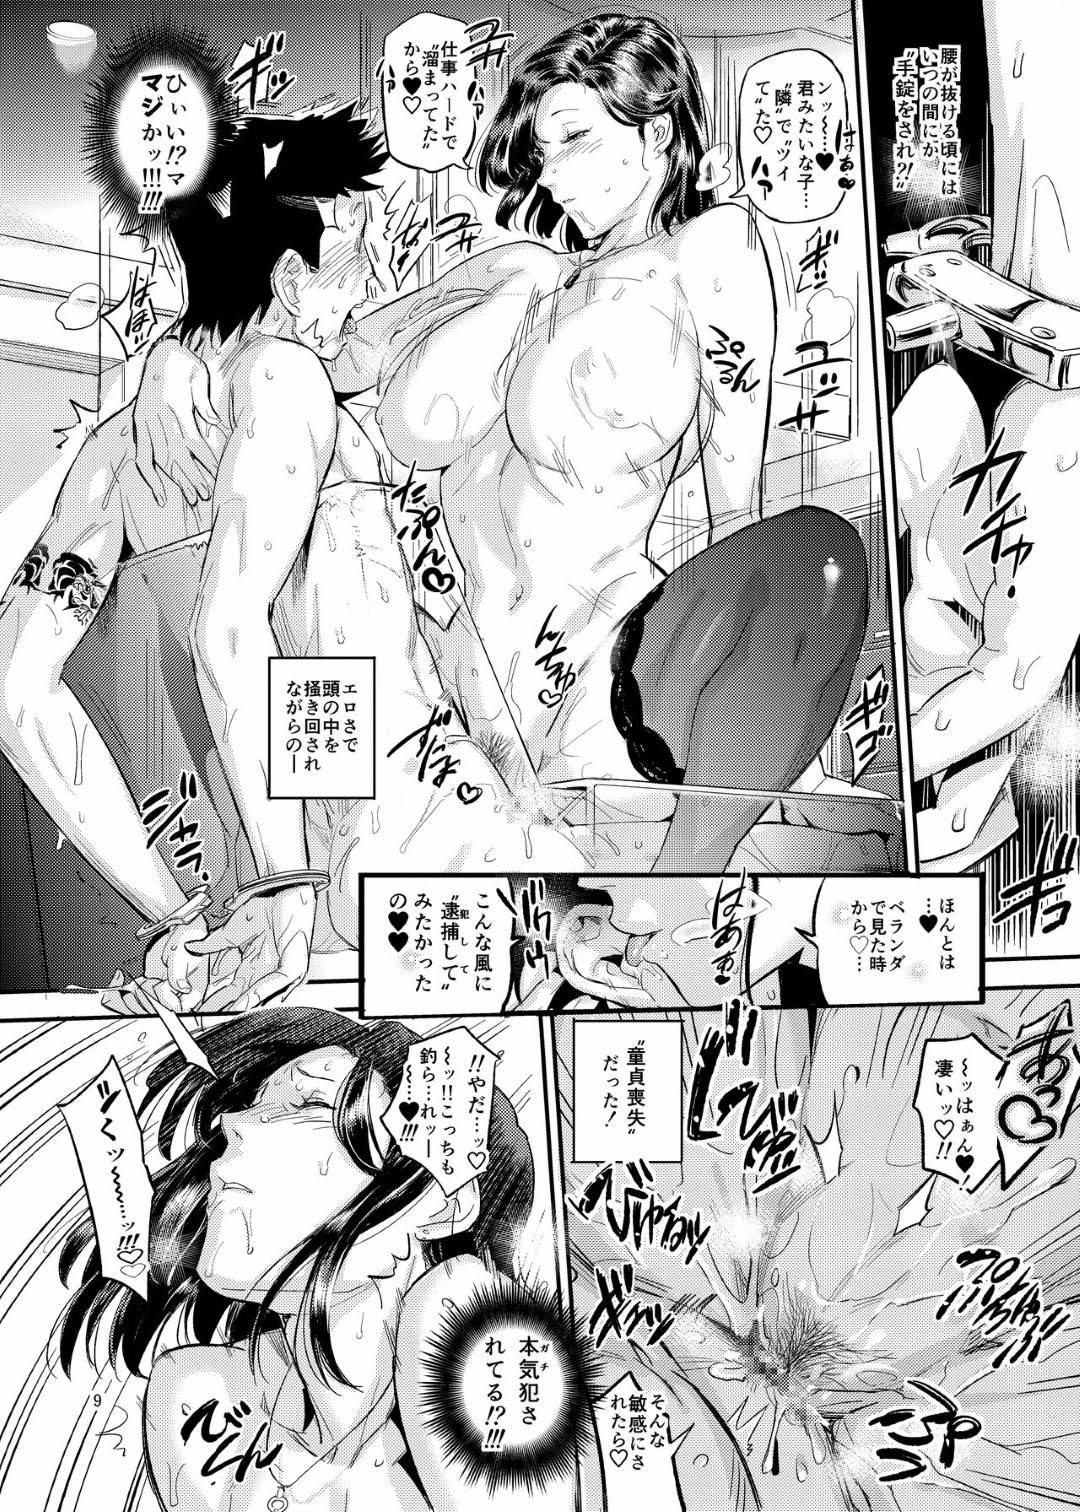 【エロ漫画】隣の見た目のガラが悪い高校生男子を拘束して逆レイプするドS痴女のお姉さん…全身いじめまくり陵辱筆下ろしセックスで精液を搾り取る【VOLVOX:おとなりさんの堕とし方】